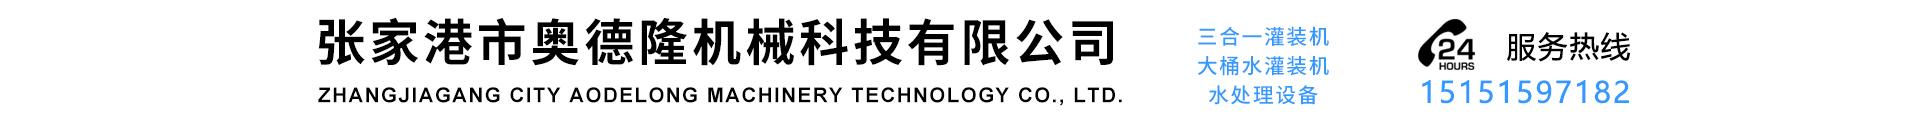 張家港市奧德隆機械科技有限公司